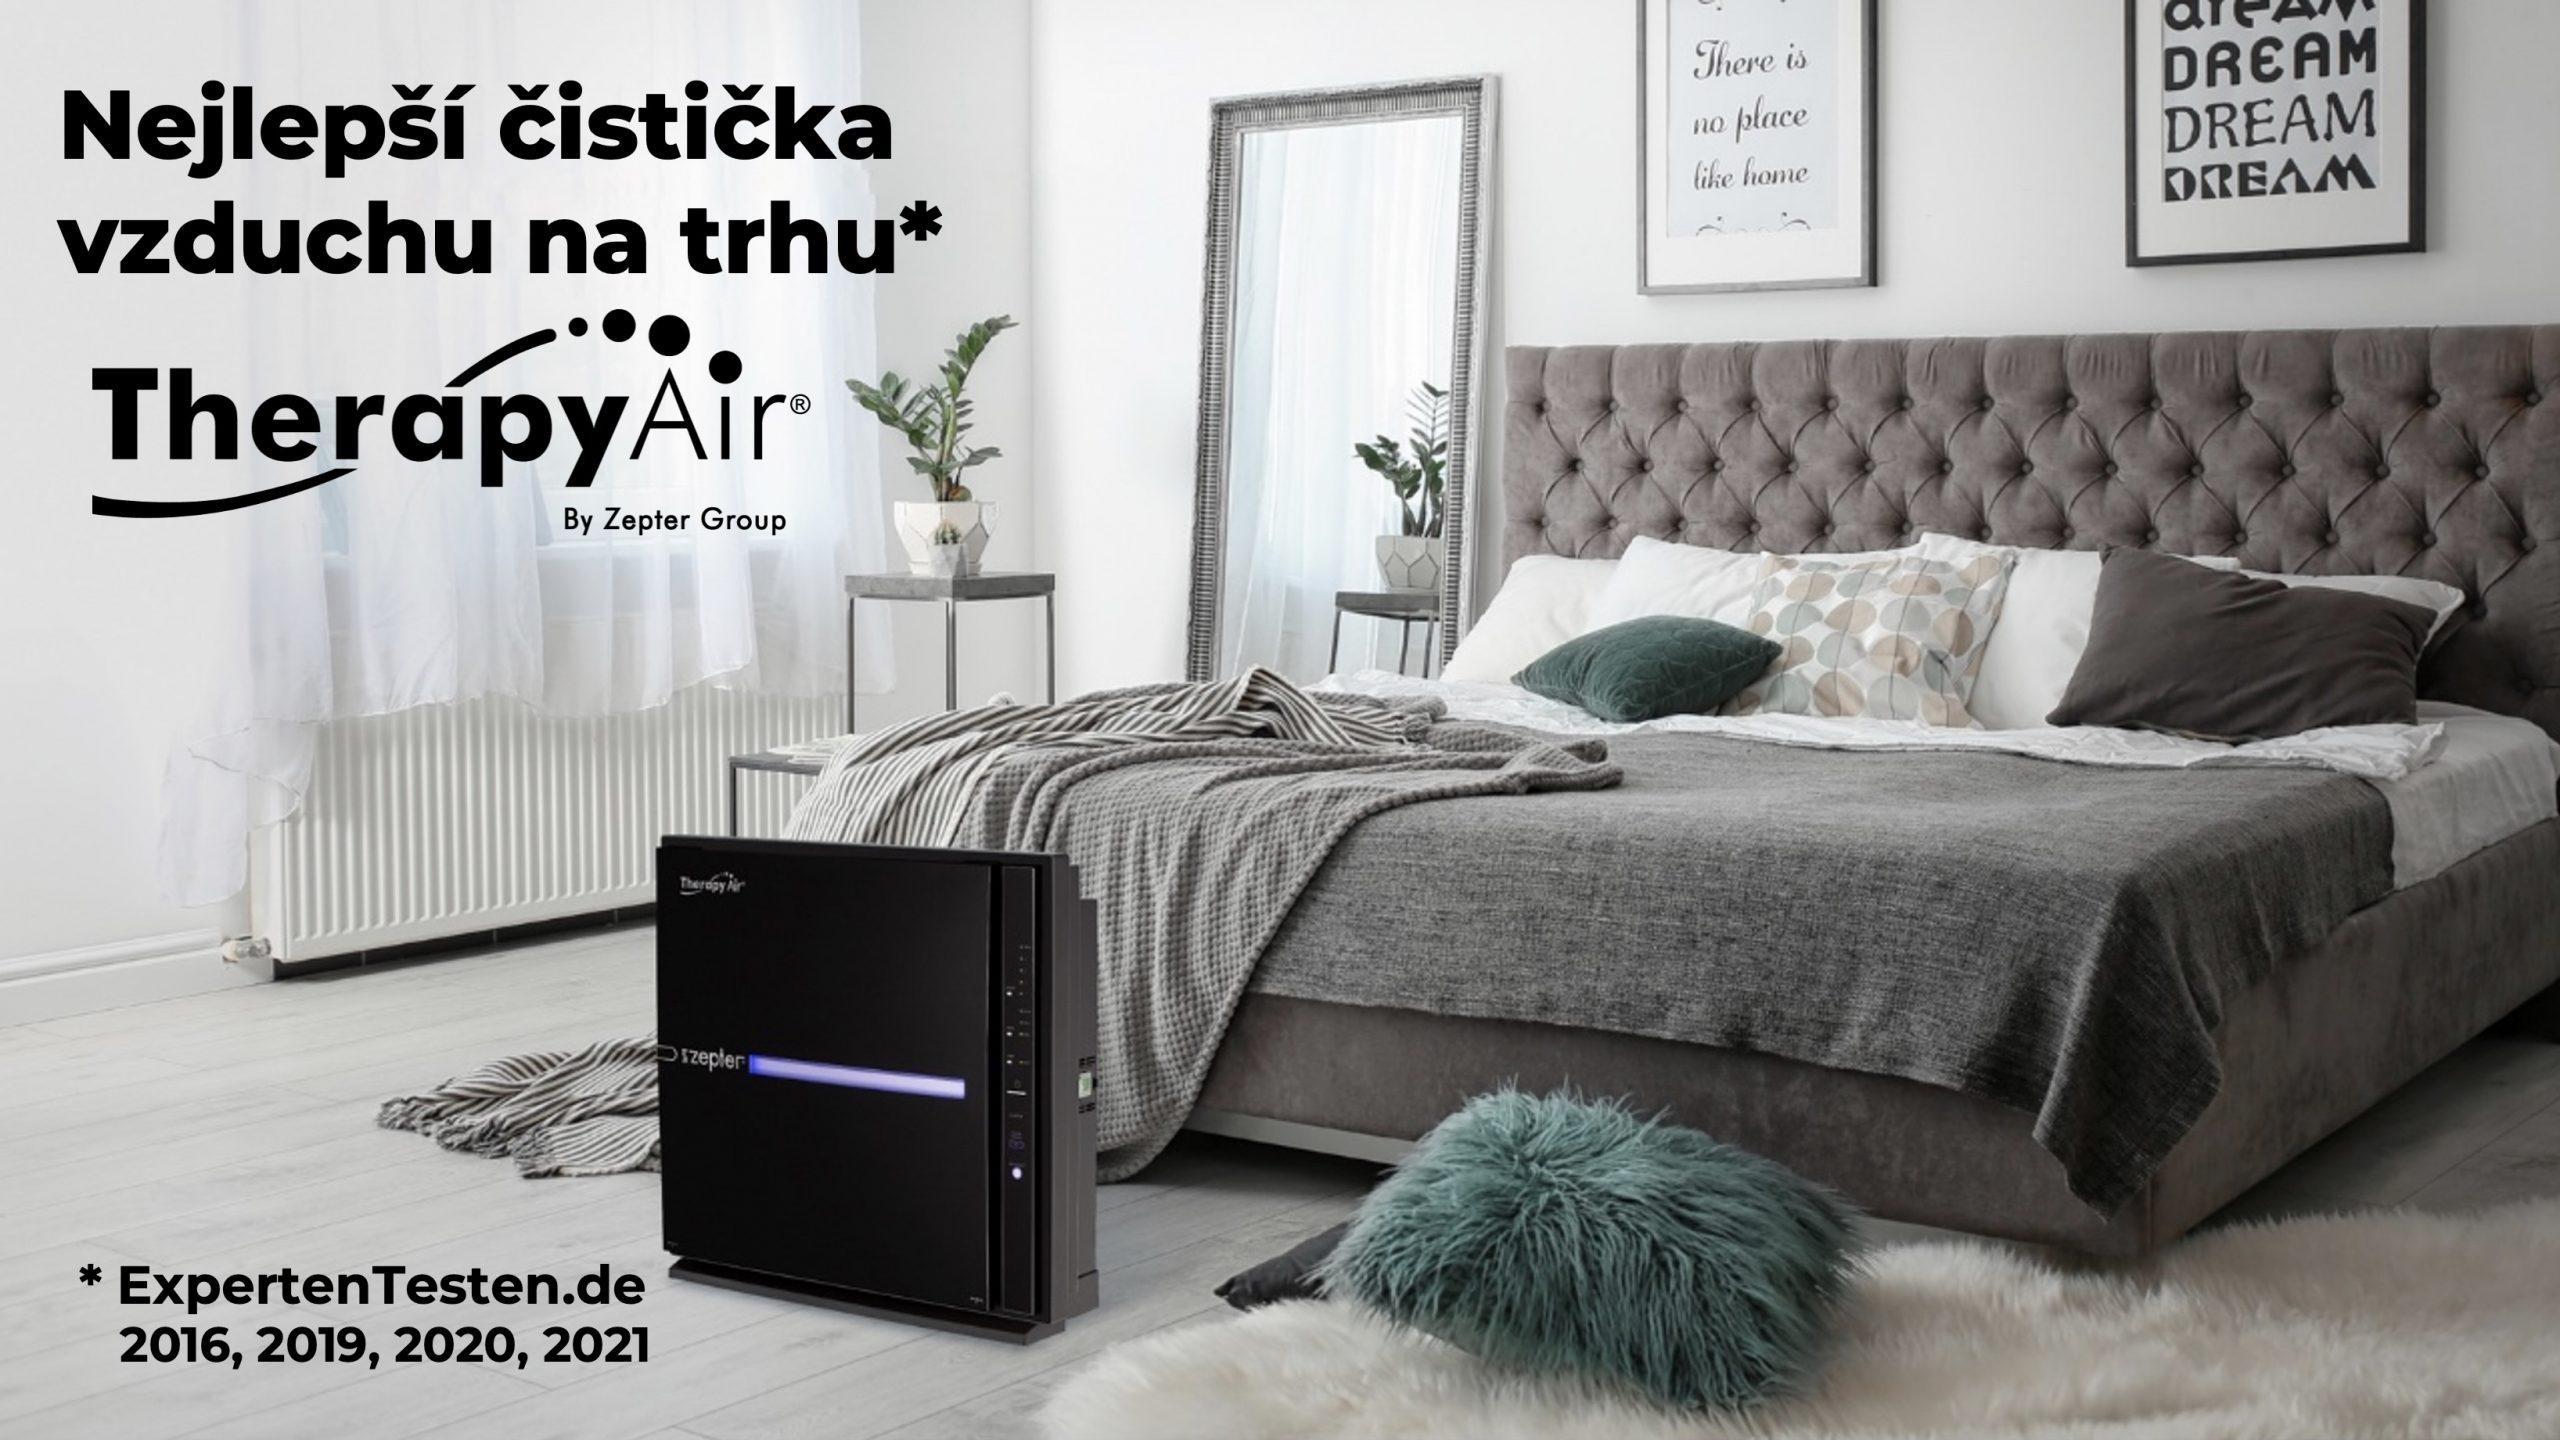 Nejlepší čistička vzduchu na trhu Therapy Air Ion Black a ložnice